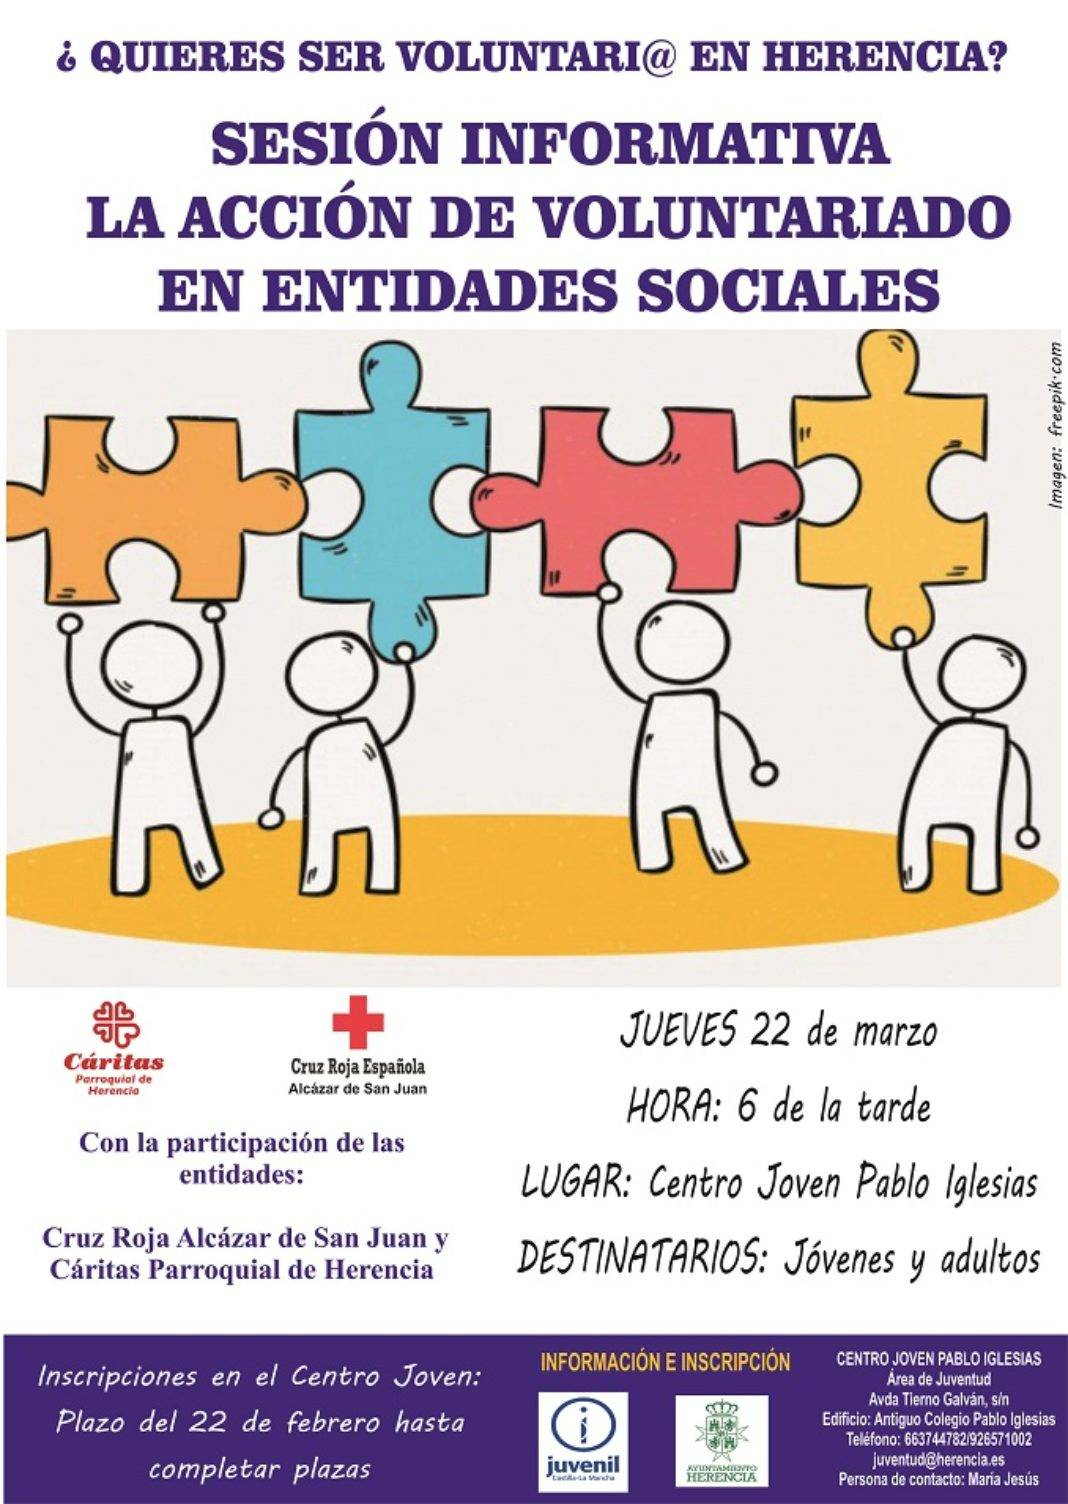 Sesión informativa sobre la acción de voluntariado en entidades sociales 4